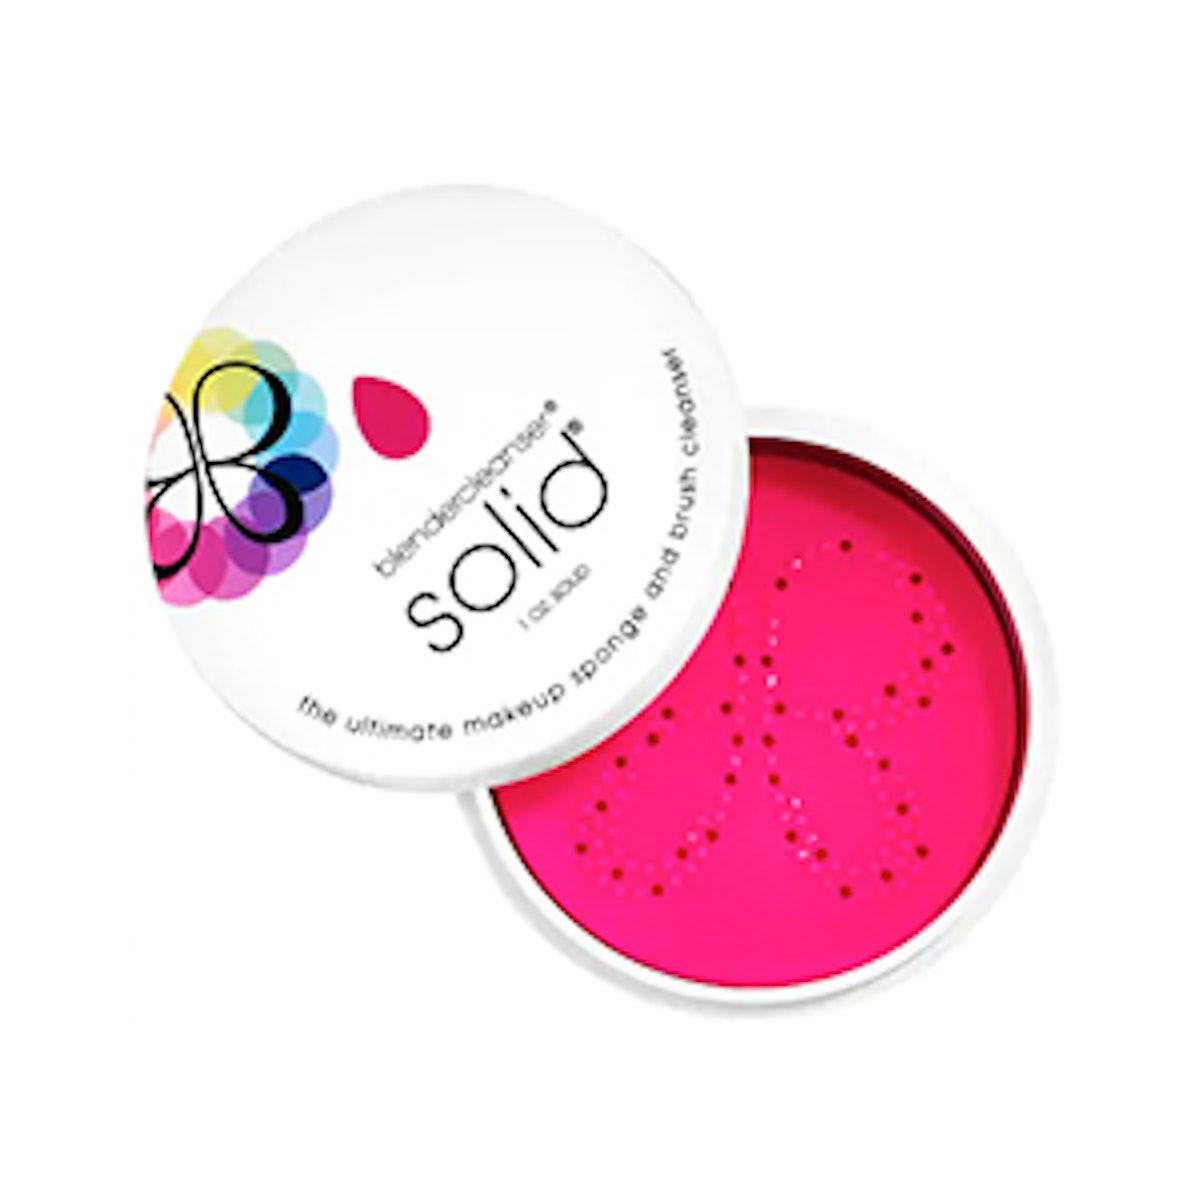 Beauty Blender Blendercleanser® Solid